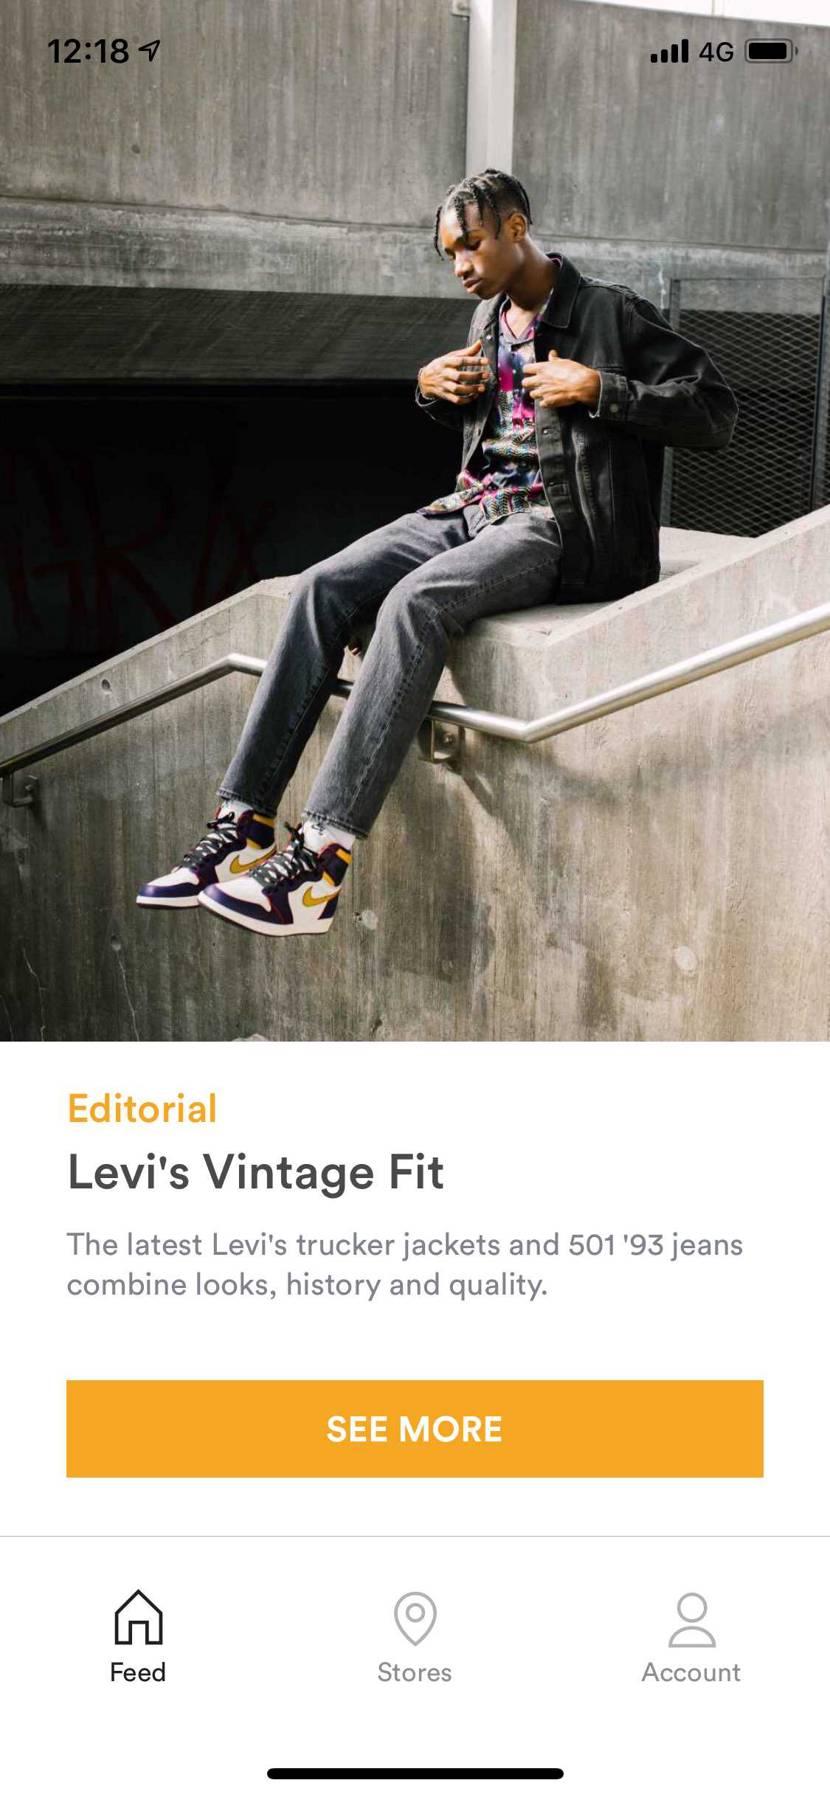 SNSでLEVI'Sのビンテージモデルの写真が載っていた‼︎  でもそんな物